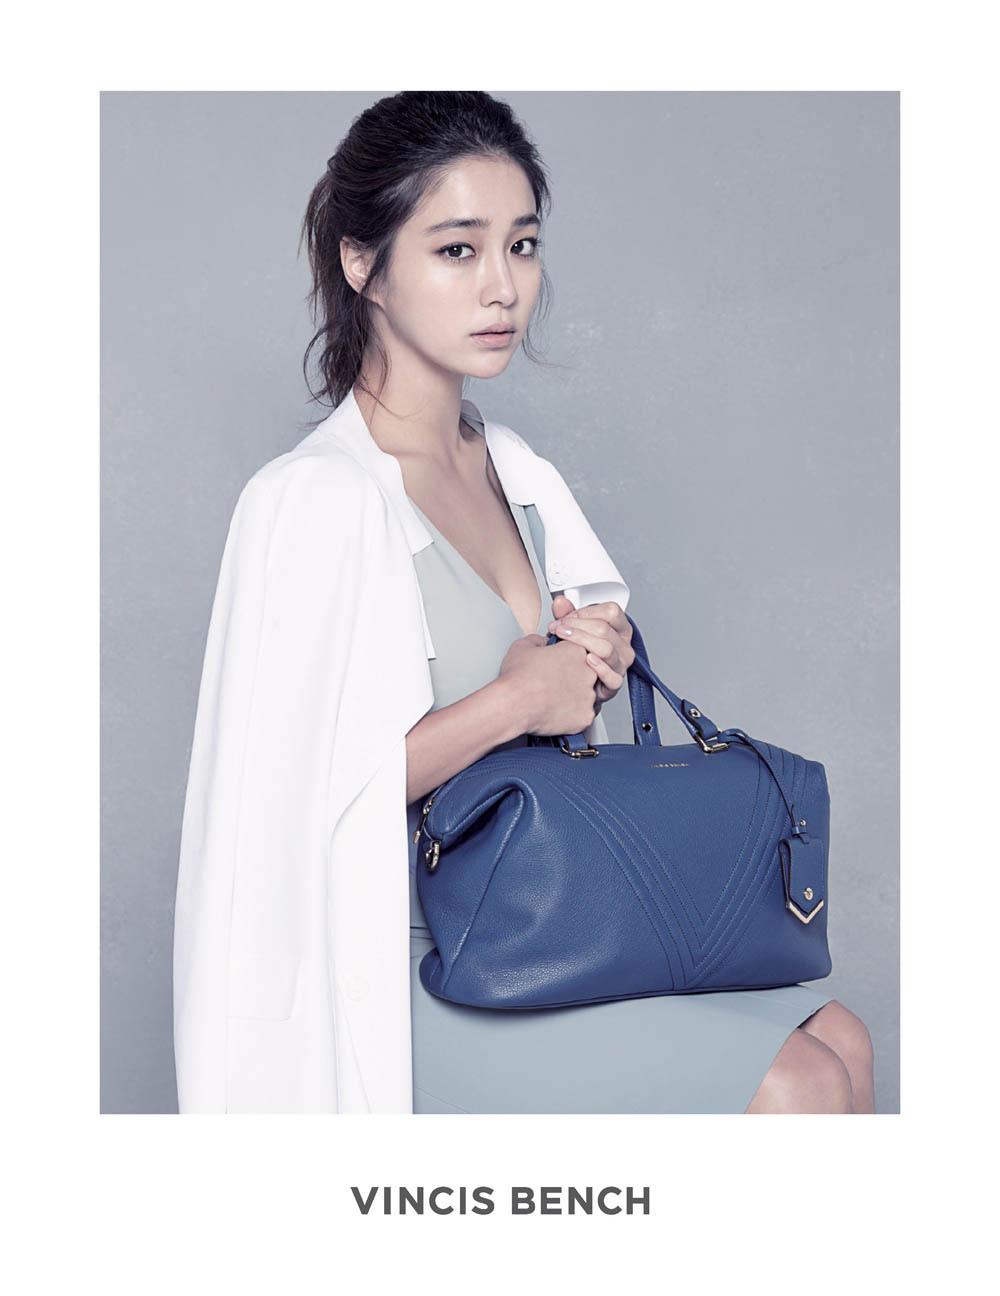 李敏貞攜親自設計的皮包出鏡_VINCIS BENCH_2014_3